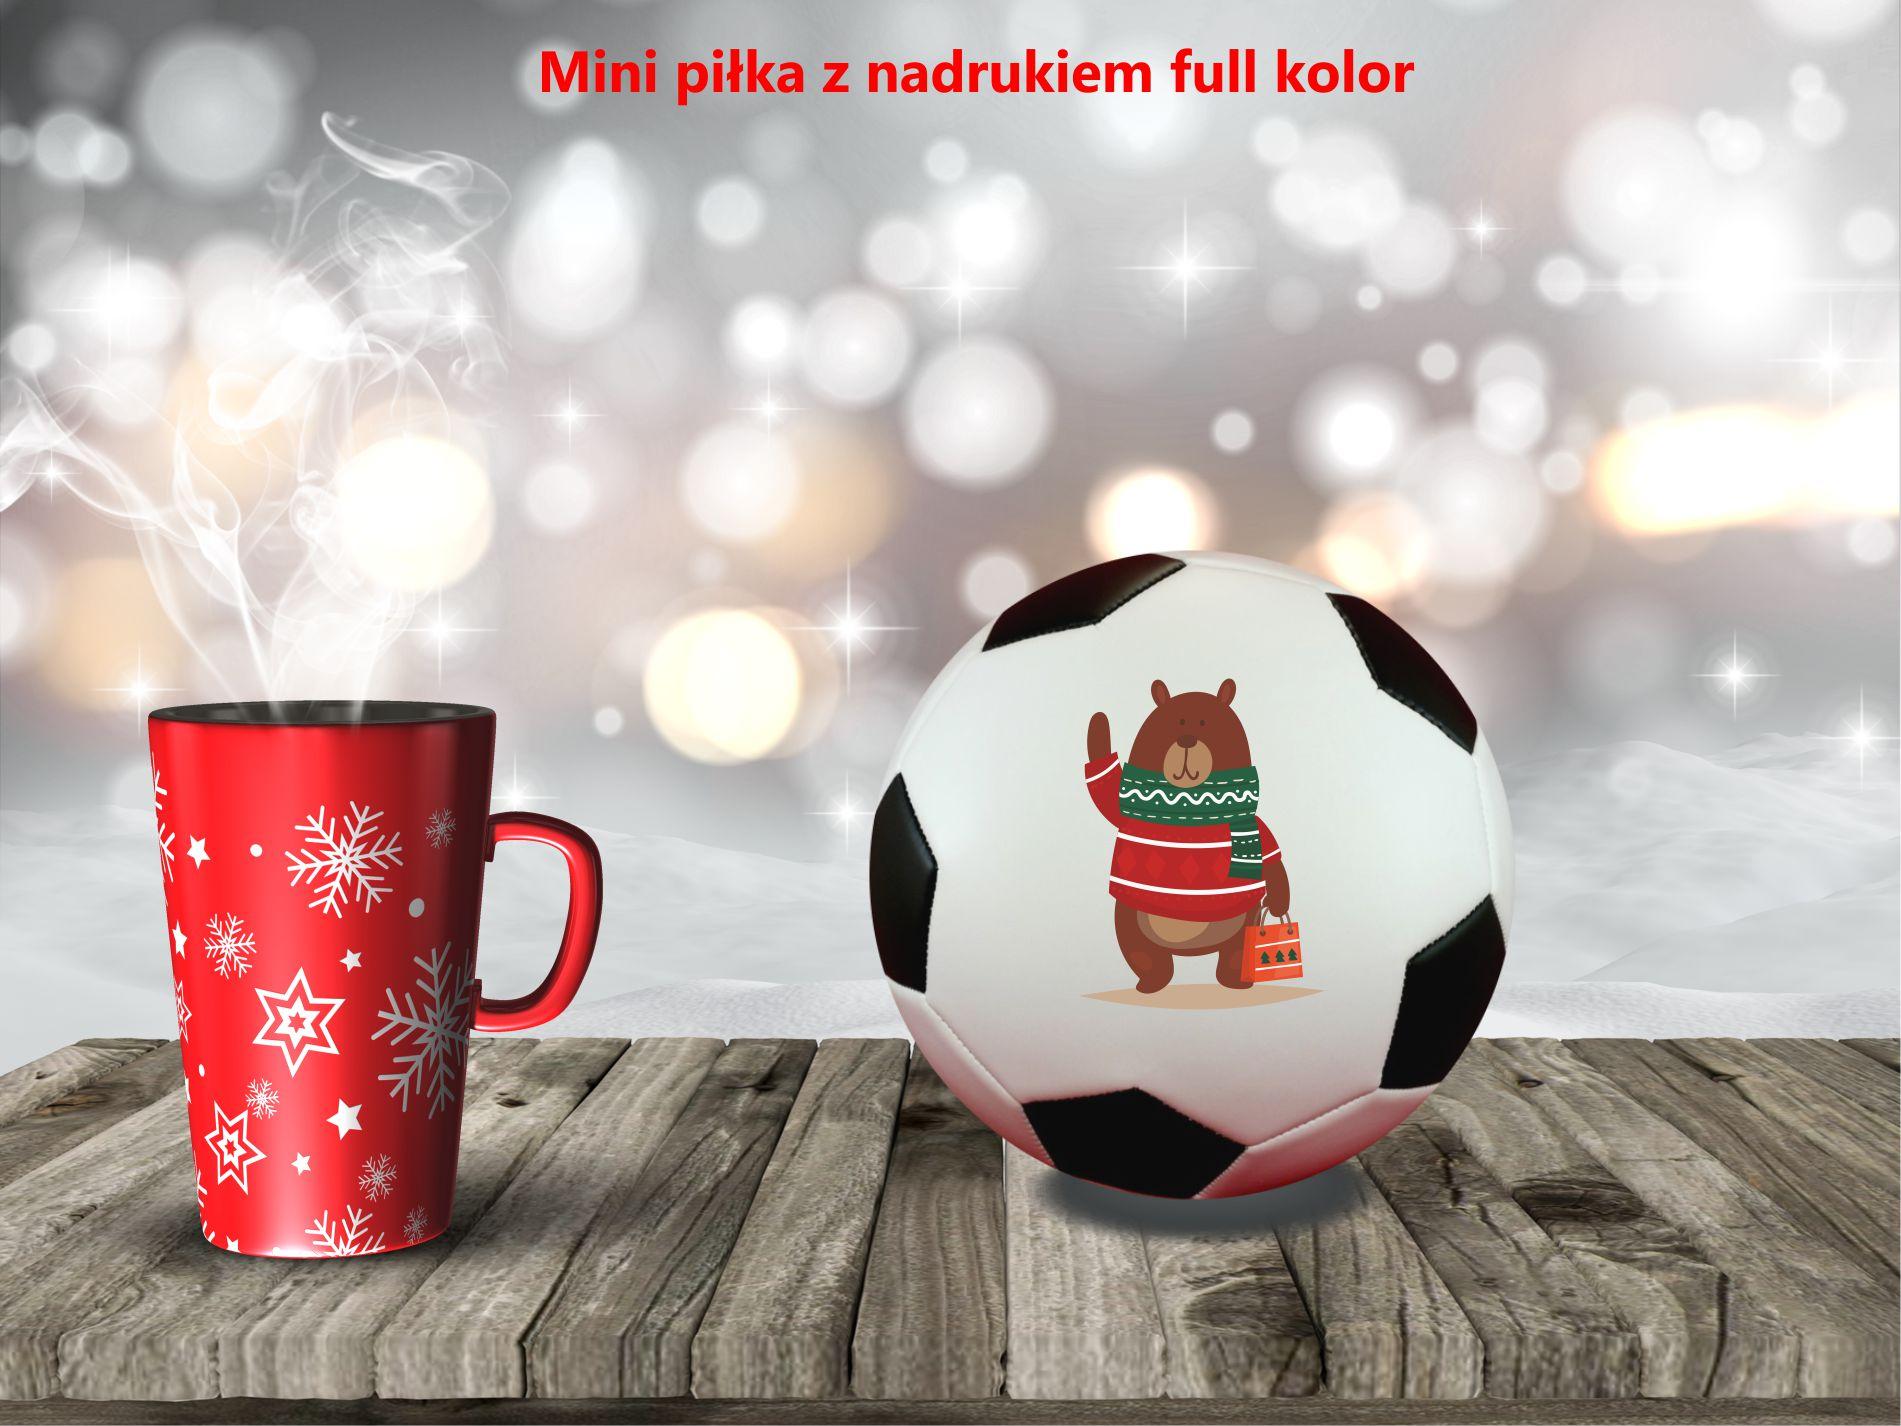 Mini piłki upominkowe, sportowy gadżet , firmowy prezent na święta